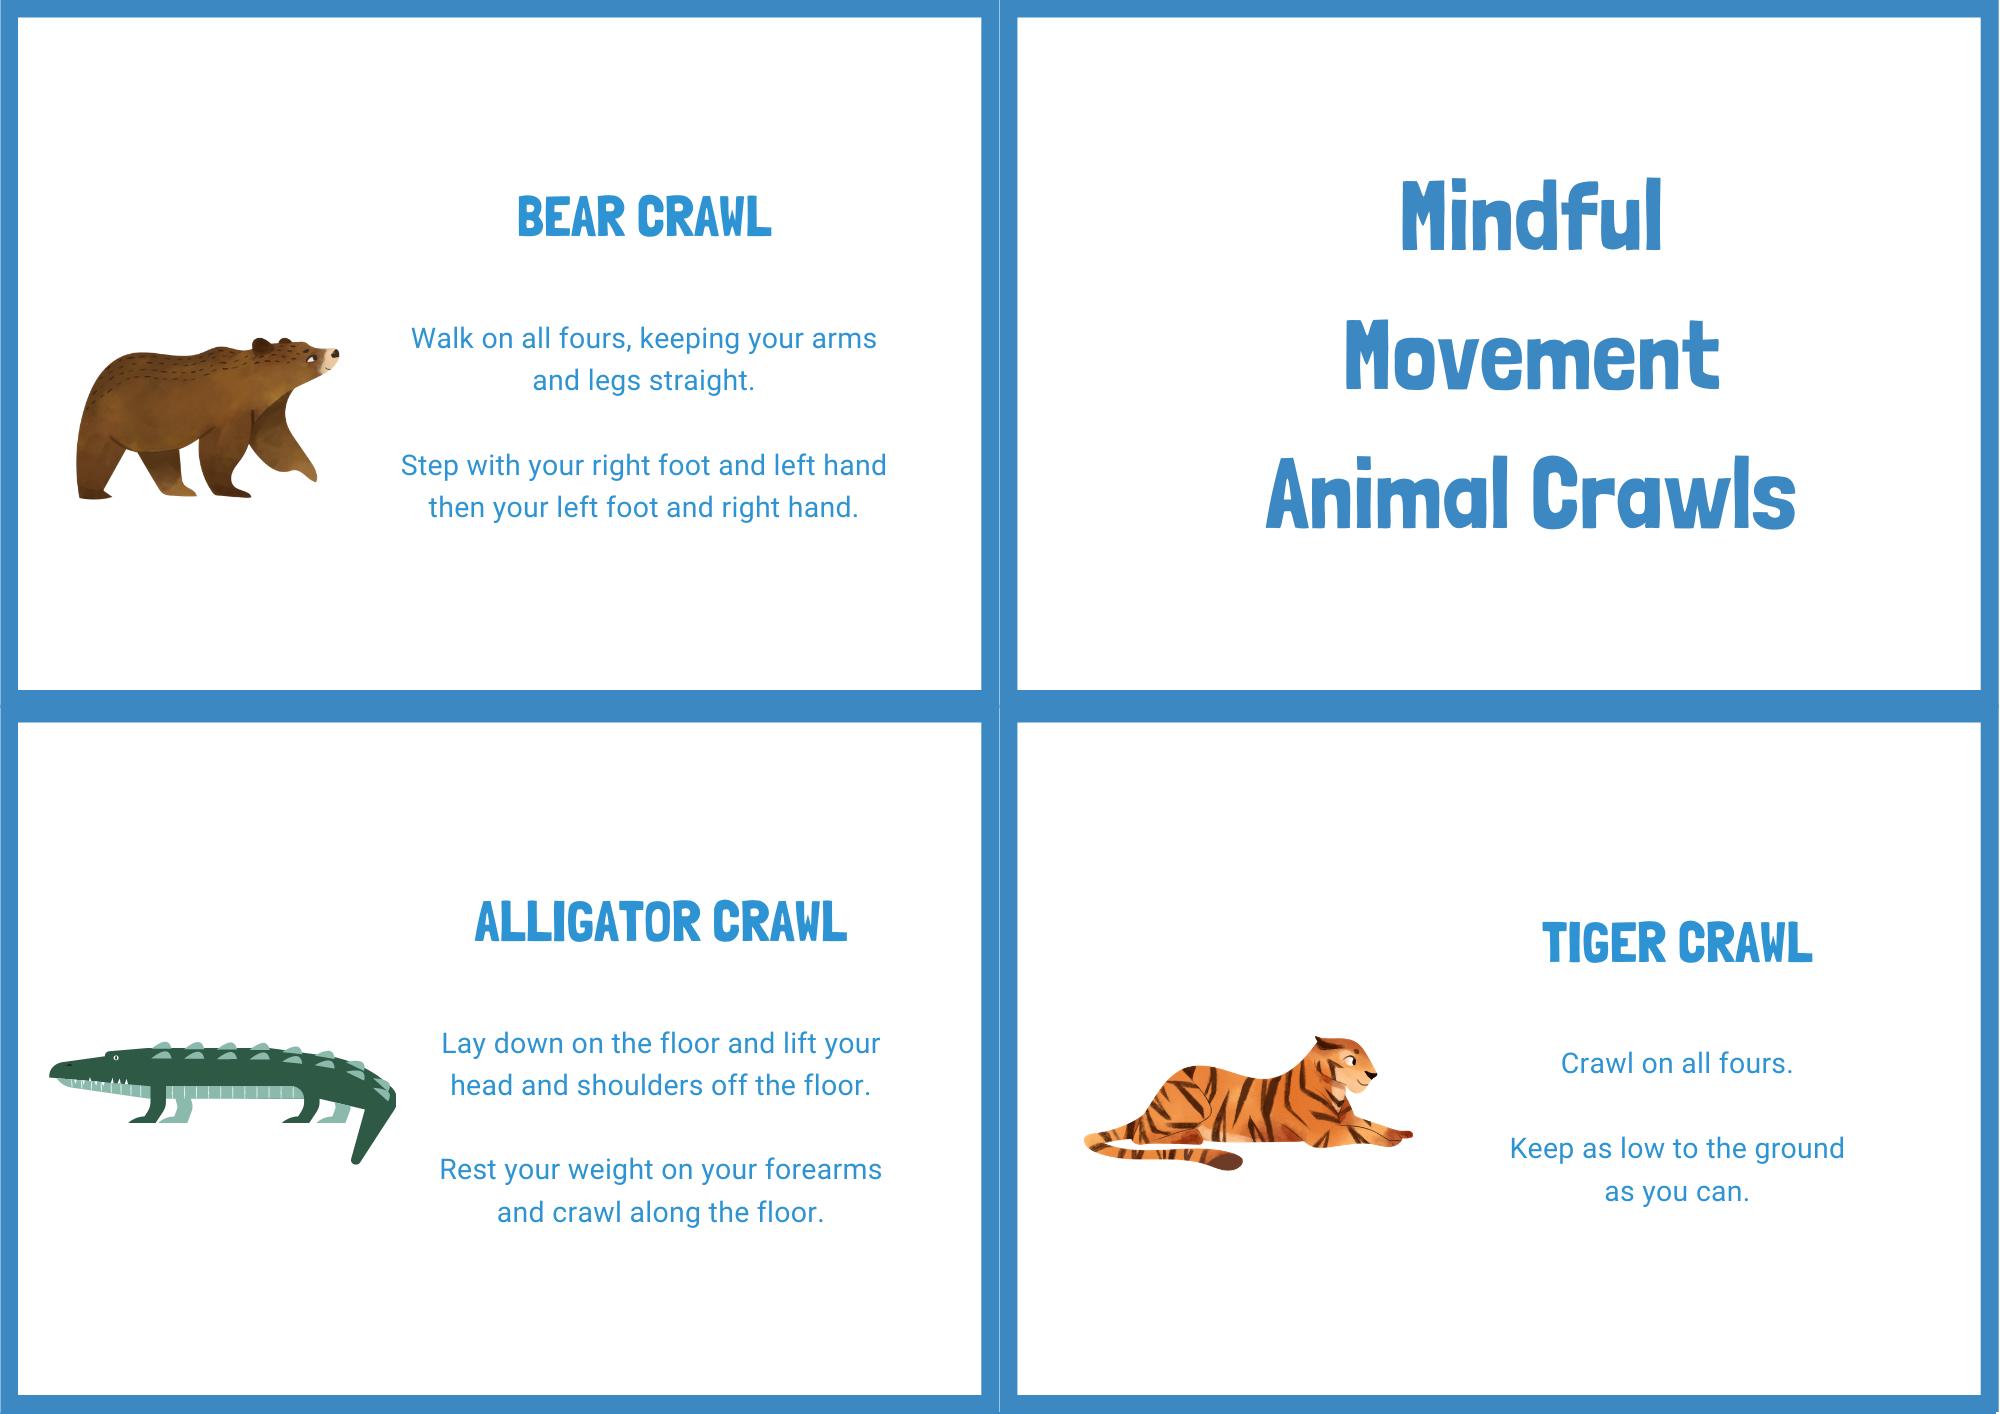 Animal Crawls